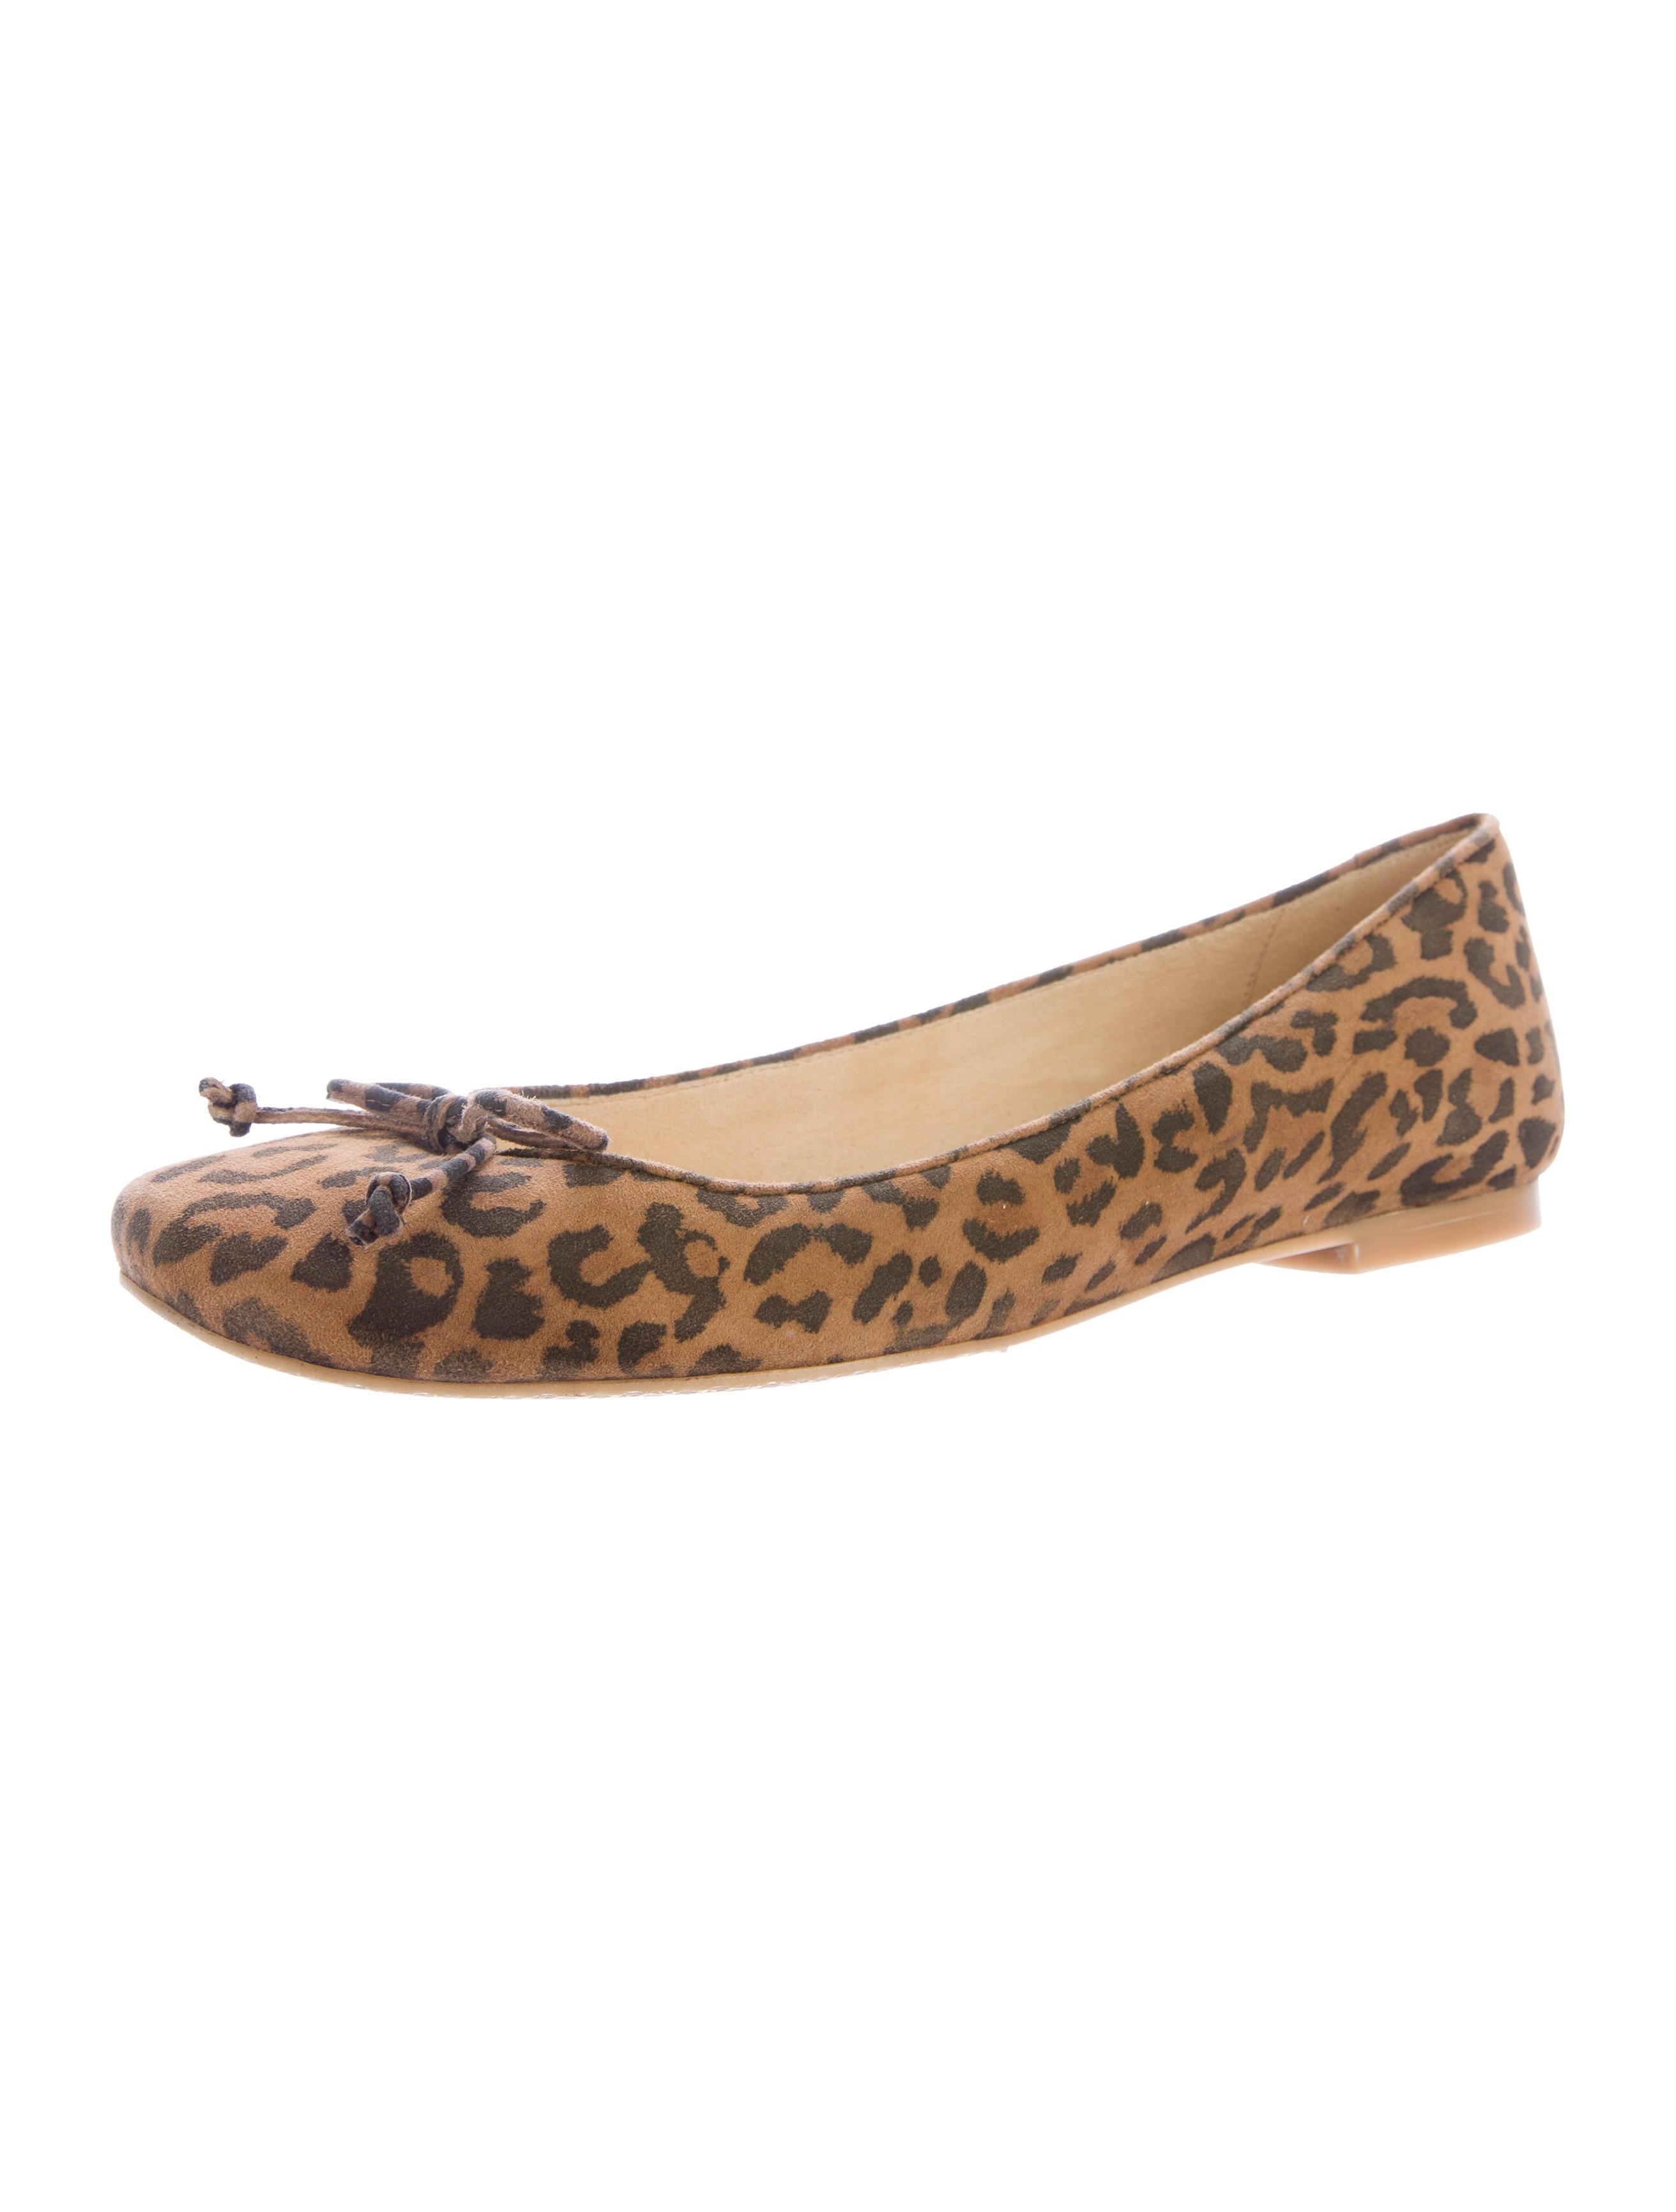 Round Kitchen Tables Stuart Weitzman Suede Leopard Print Flats Shoes